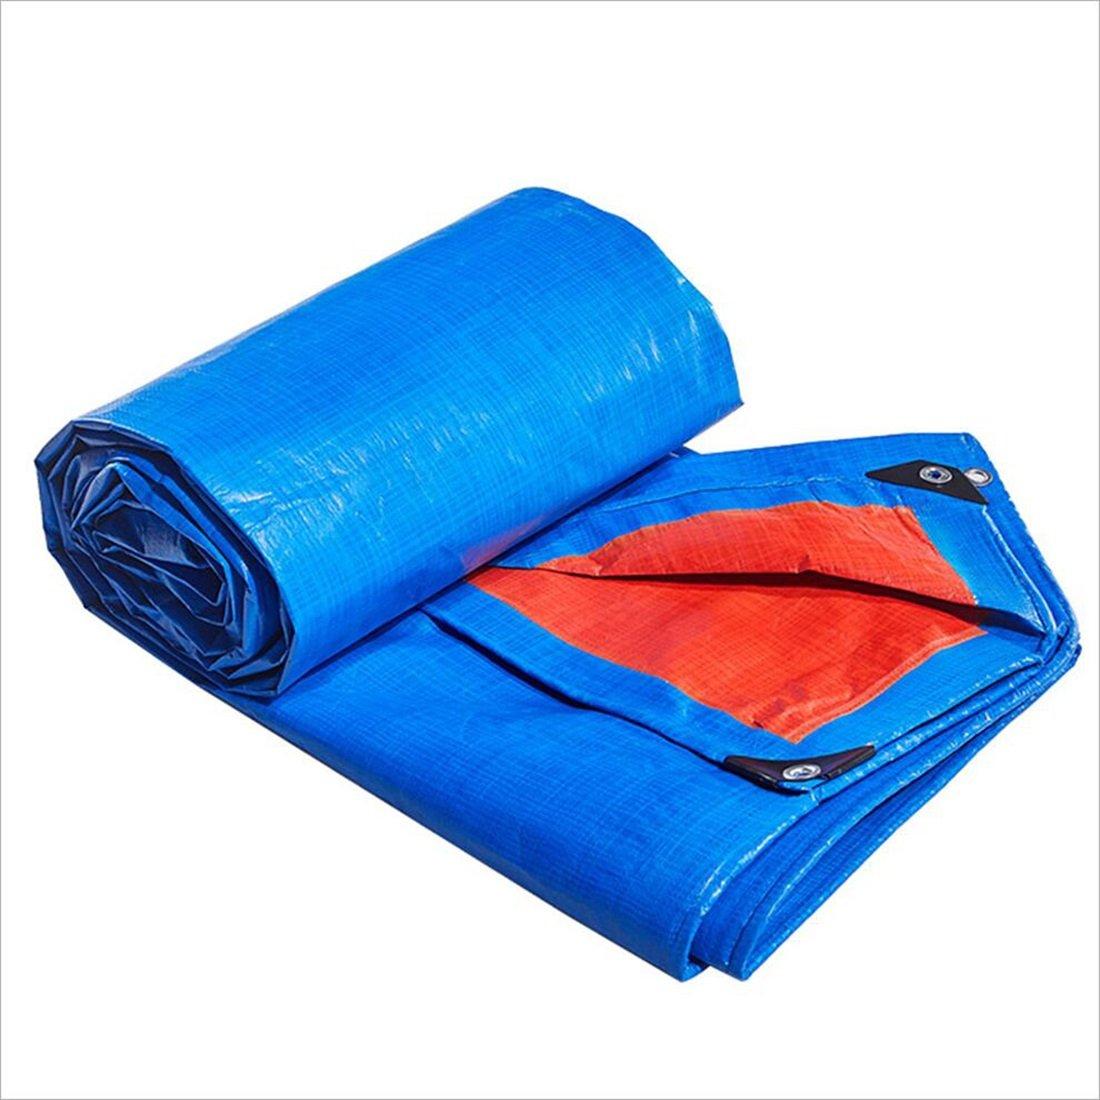 MXueei Plane ZfgG 100% Wasserdichte und UV-geschützte Hochleistungsplane - mit hoher Dichte gewebtes Polyäthylen und doppeltes lamelliertes Eine Vielzahl von Größen ist erhältlich